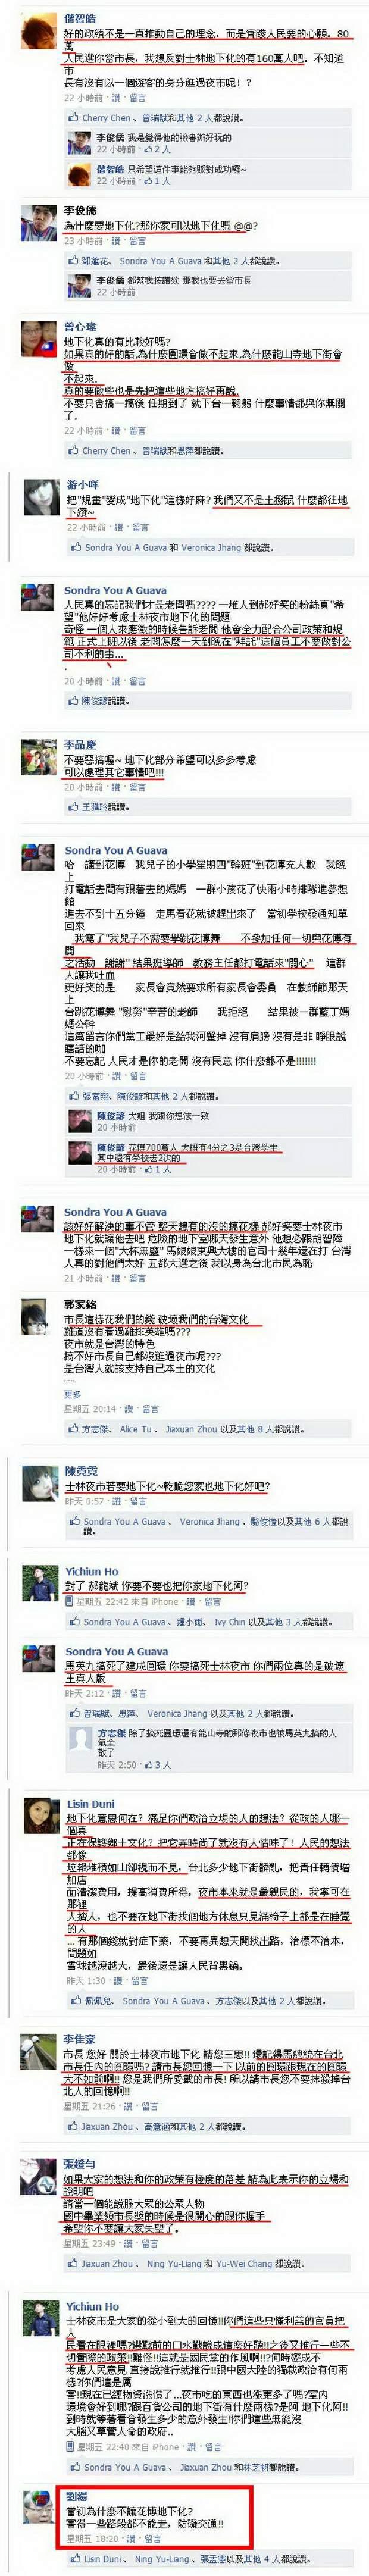 郝龍斌Facebook-2011.04.17-01-2.jpg